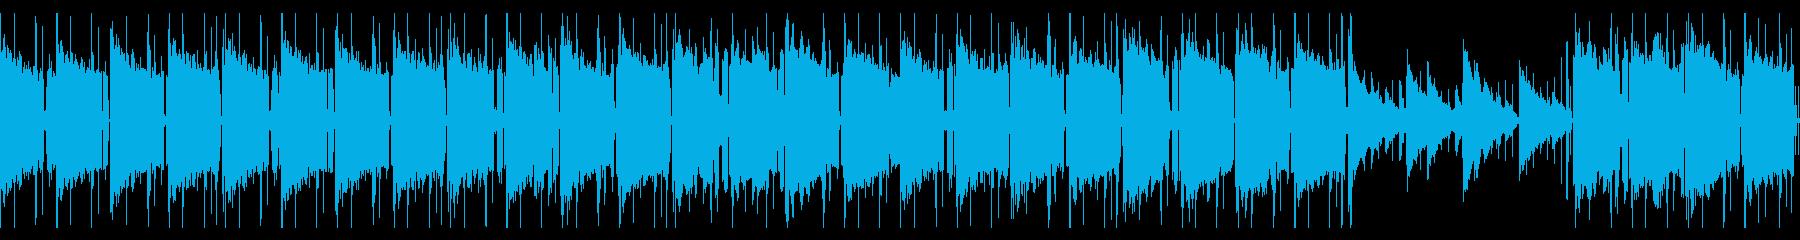 エレピ主体のLo-Fi CHILLループの再生済みの波形